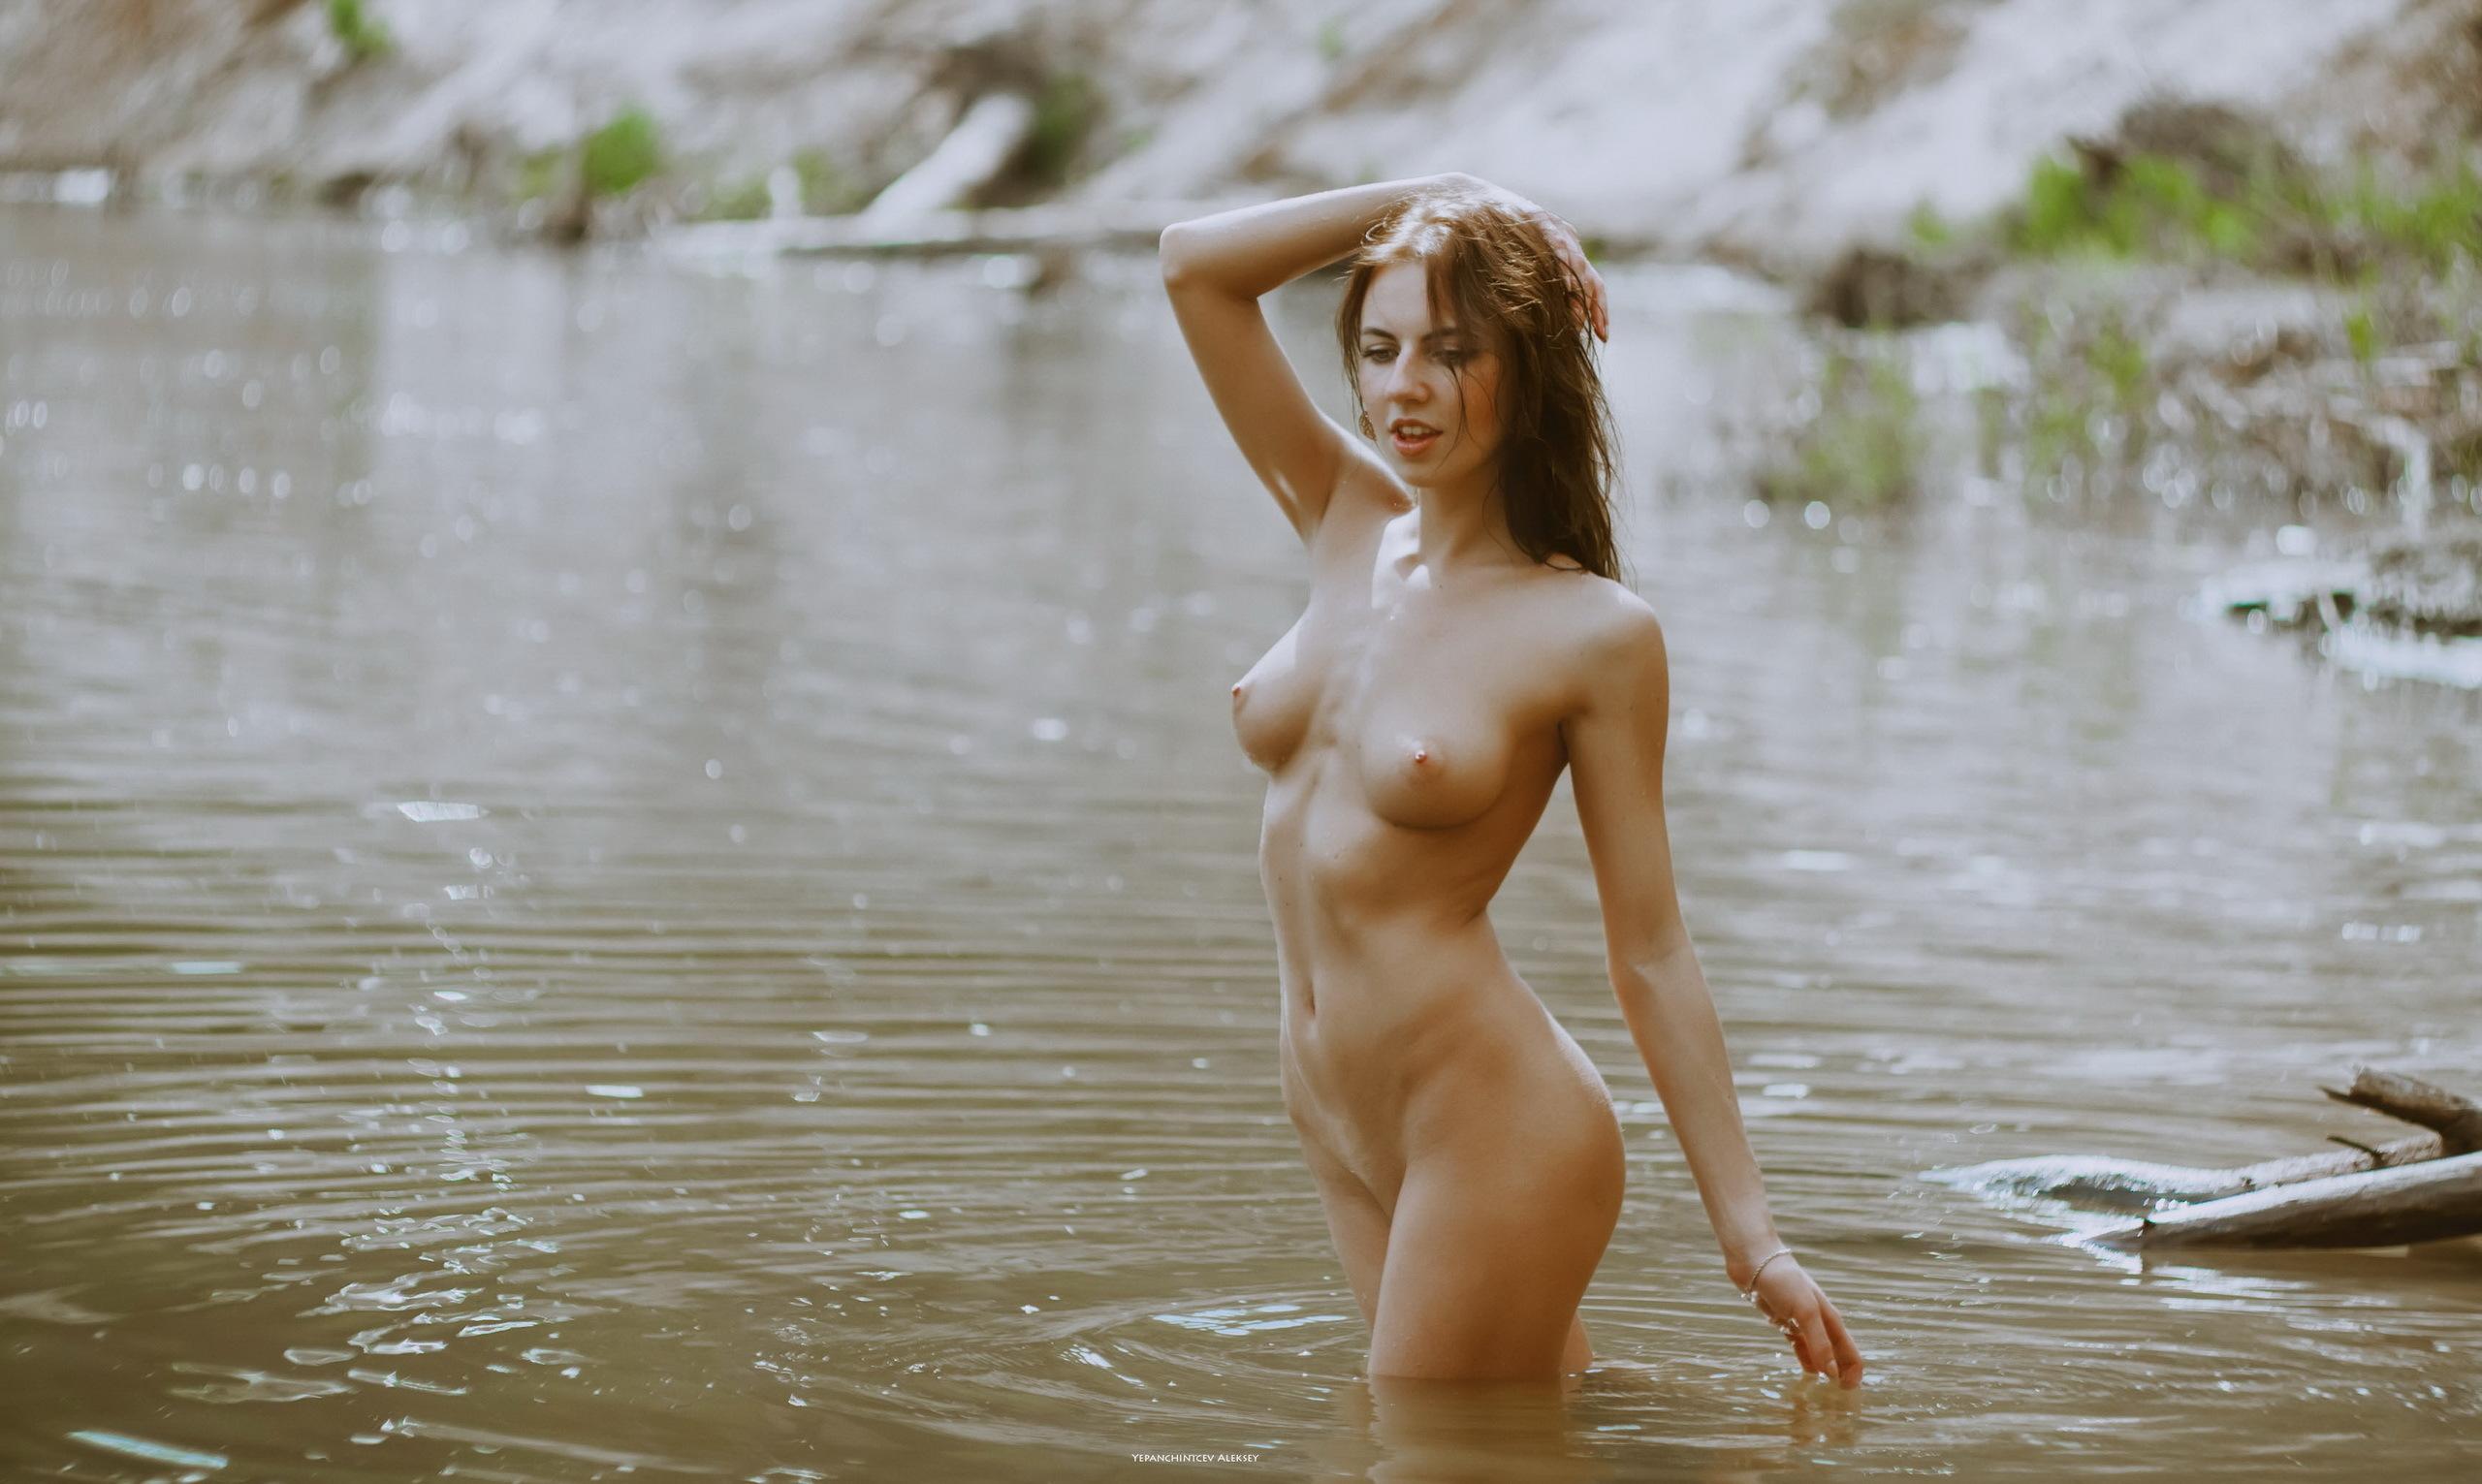 еще немного фото обнаженных девушек в воде отвел